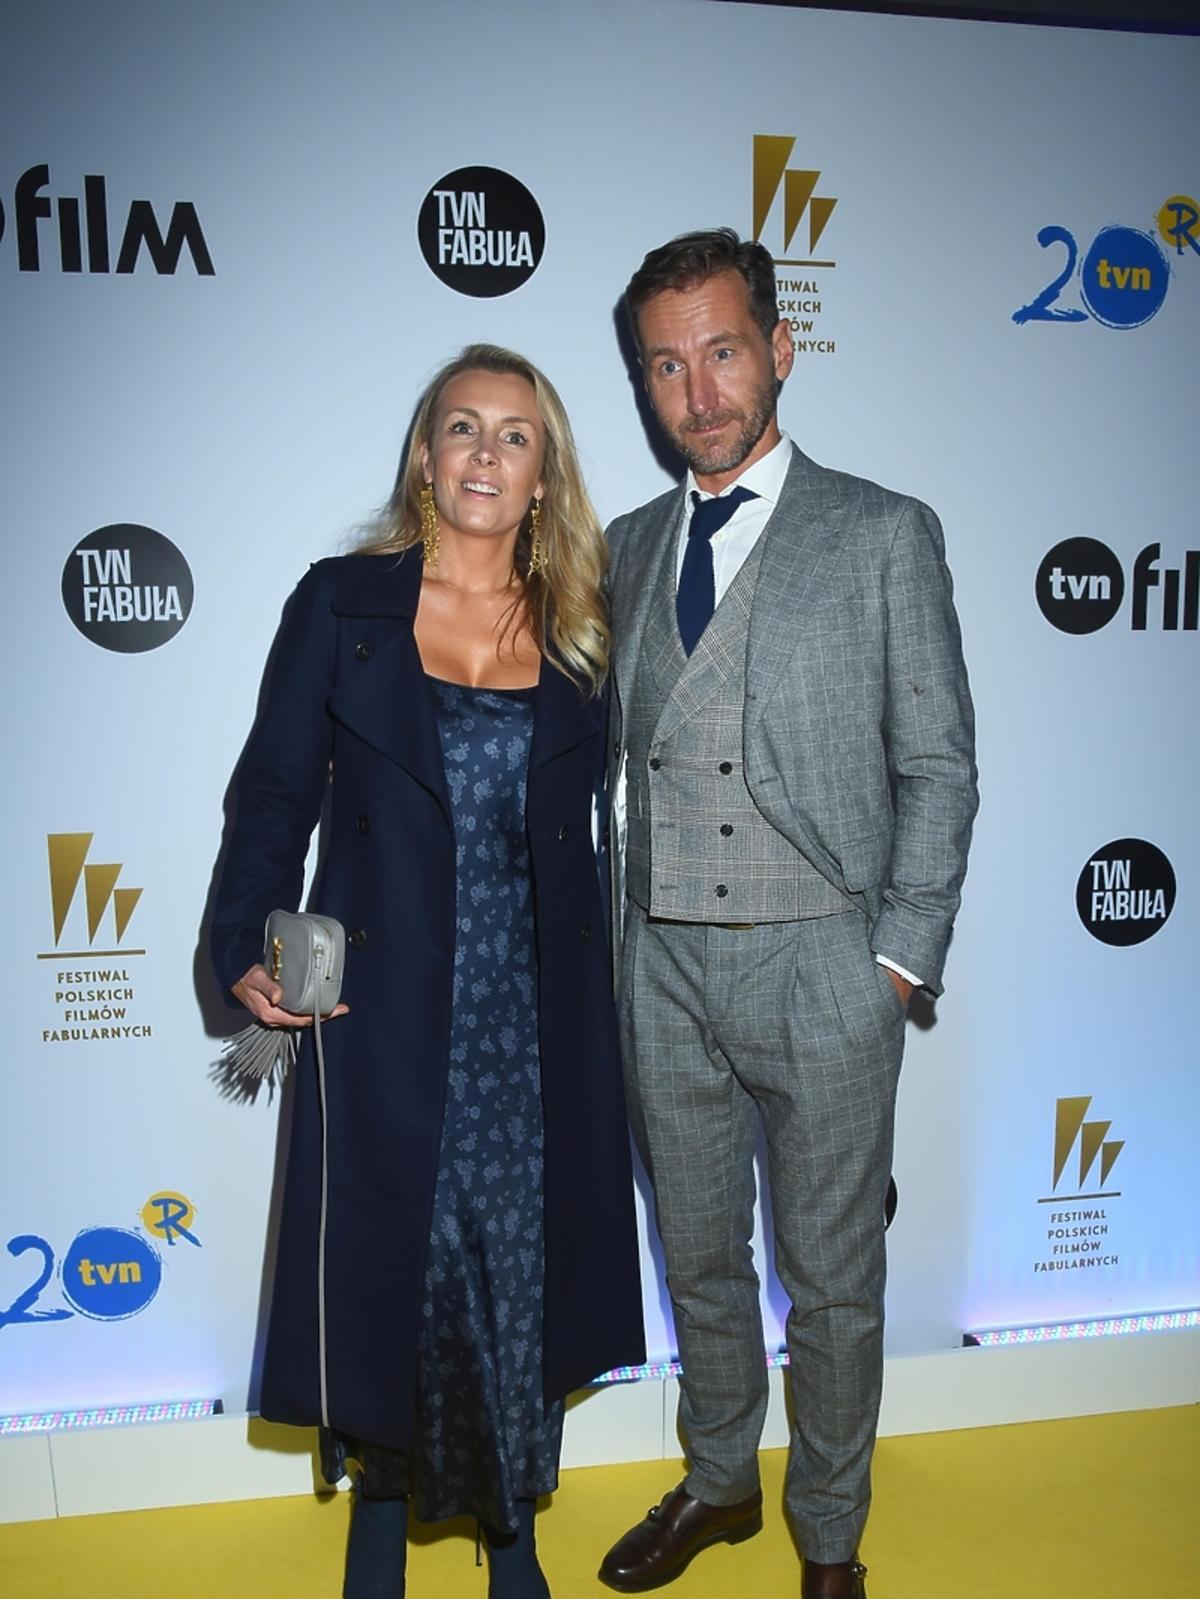 Piotr Kraśko i Karolina Ferenstein Kraśko na imprezie TVN na Festiwalu Filmowym w Gdyni